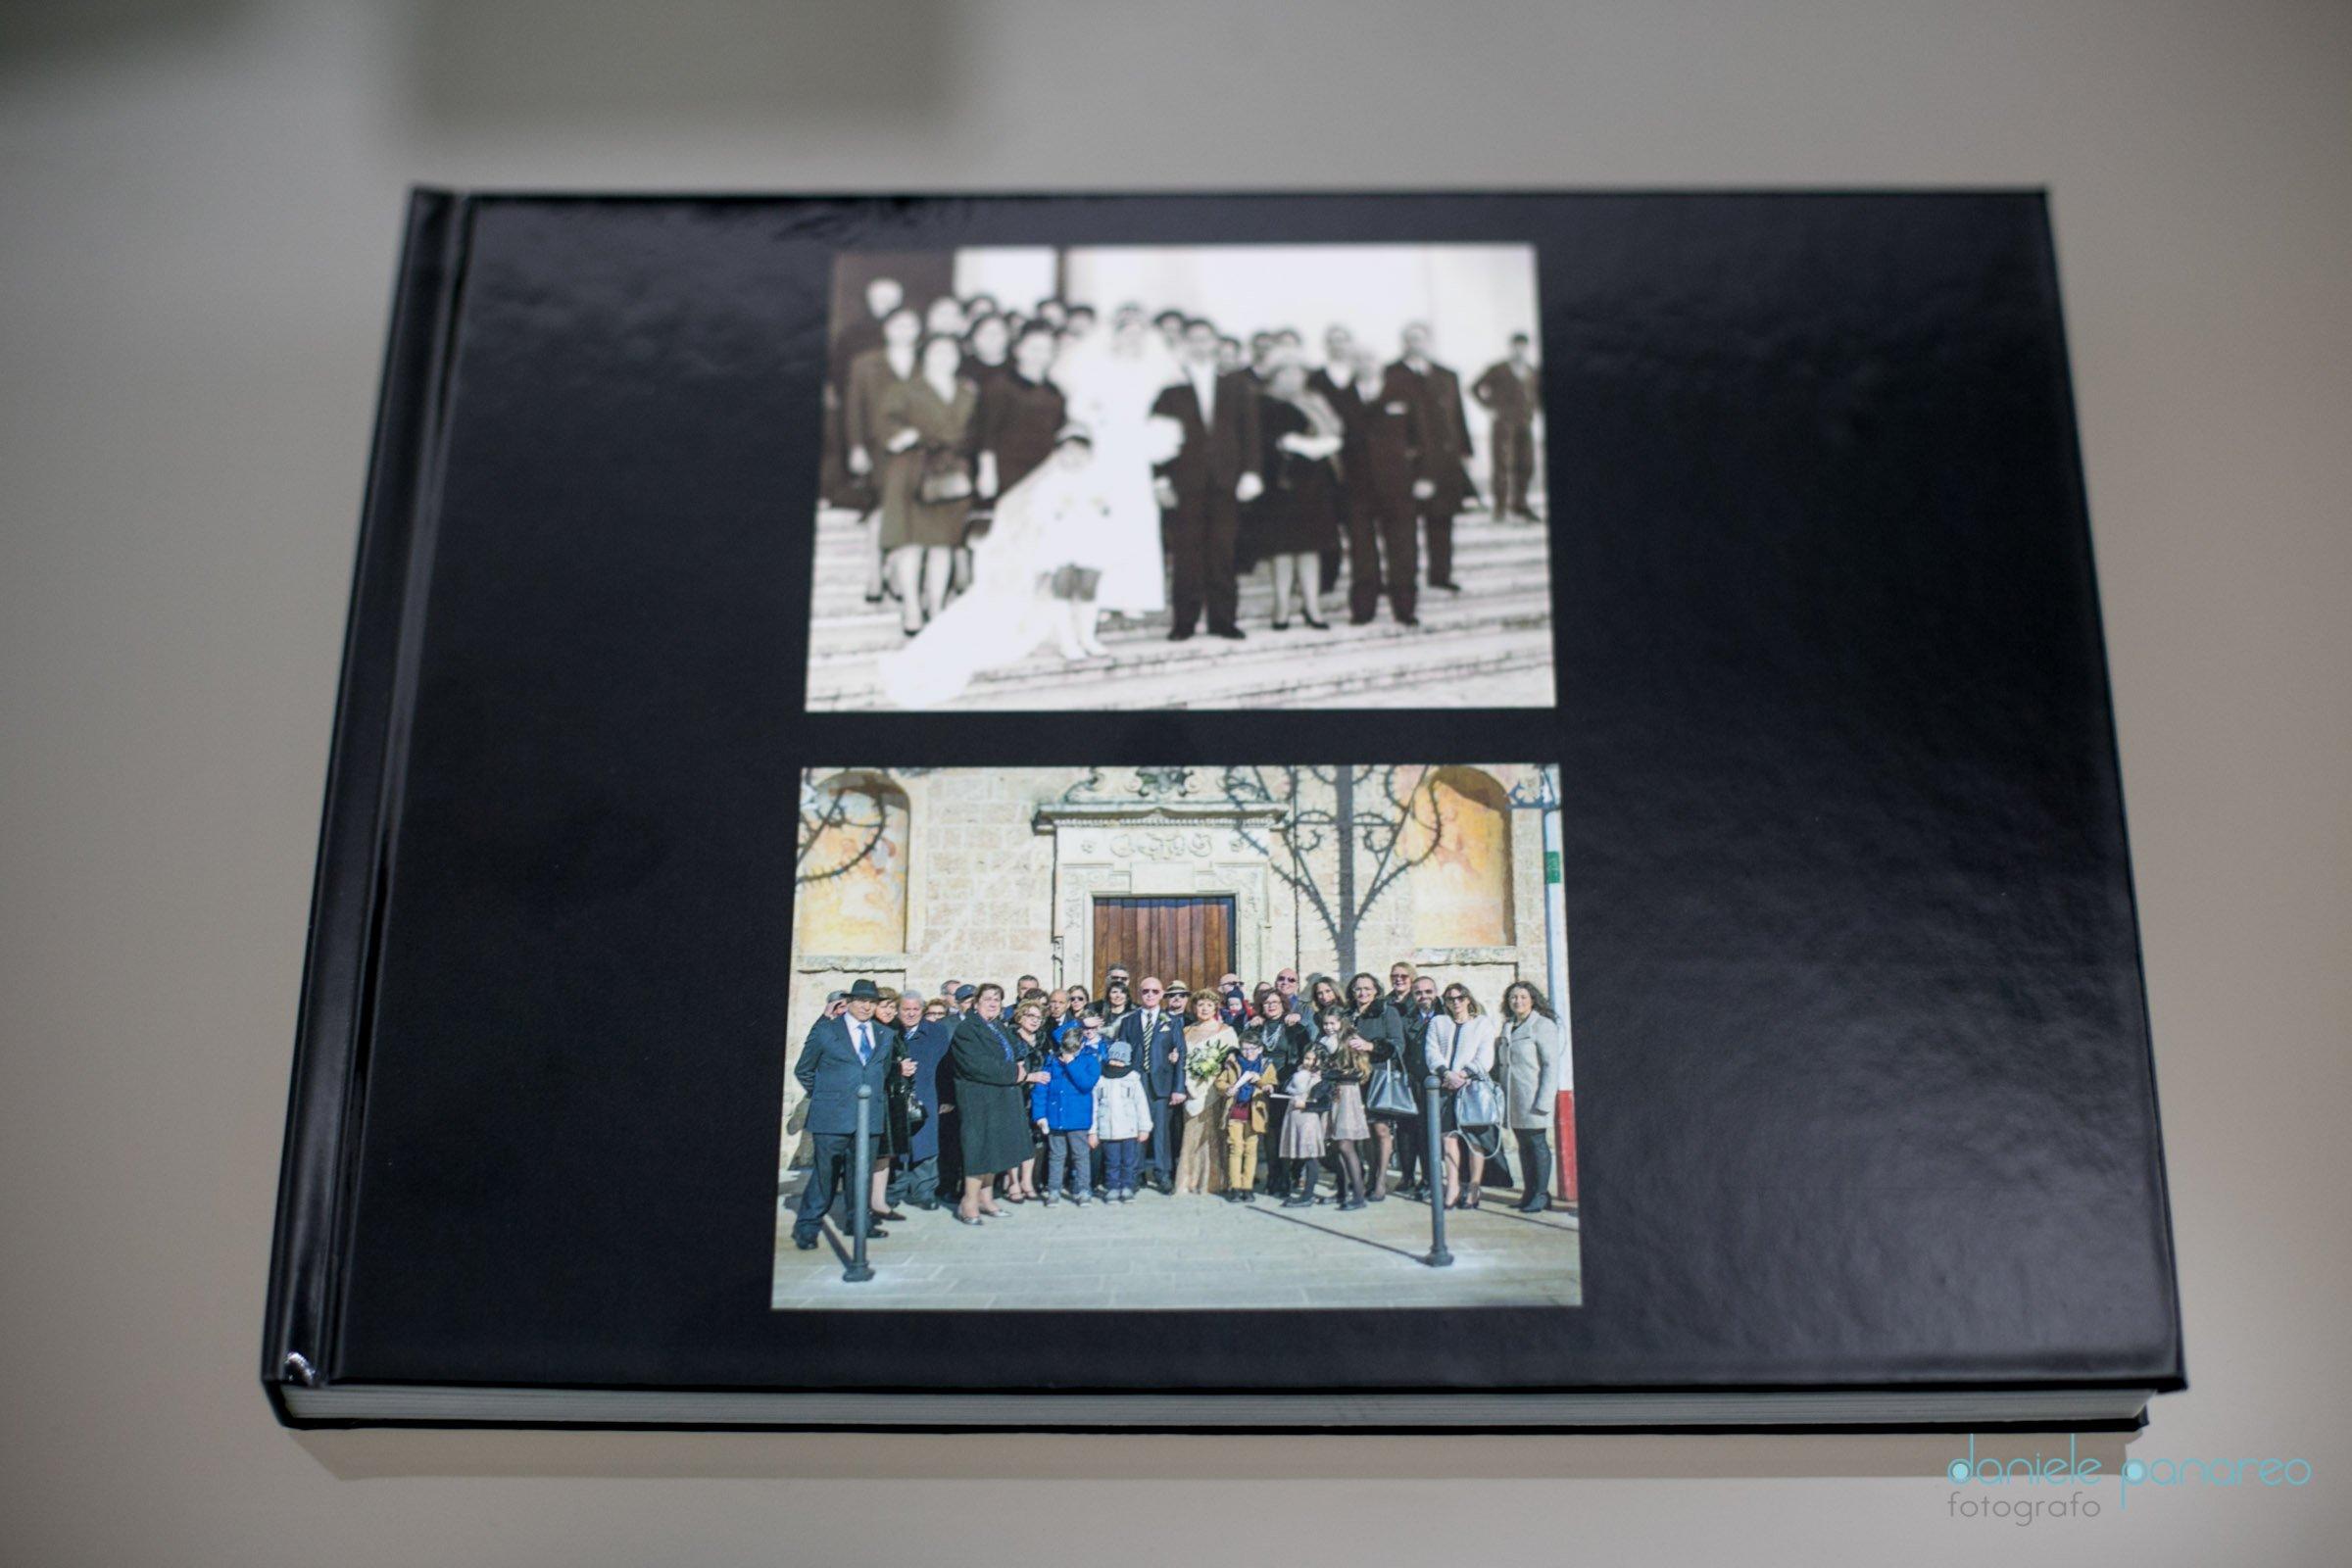 Idee Fotografiche Anniversario : Idee album foto anniversario idee san valentino originali